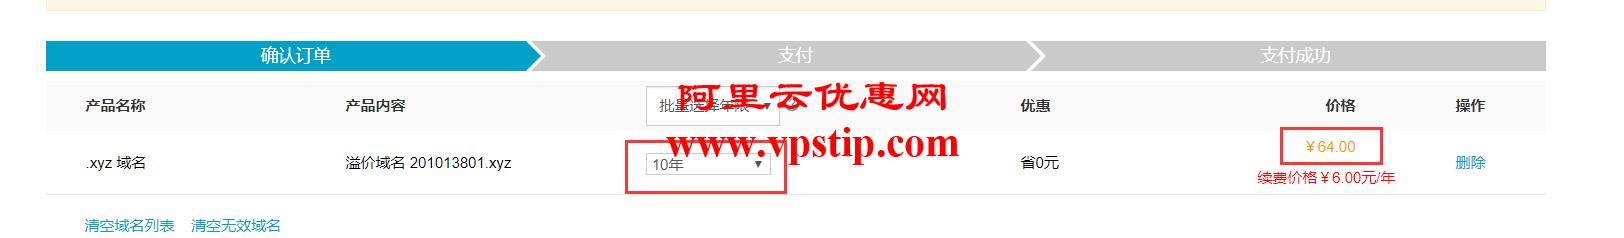 阿里云.xyz域名优惠